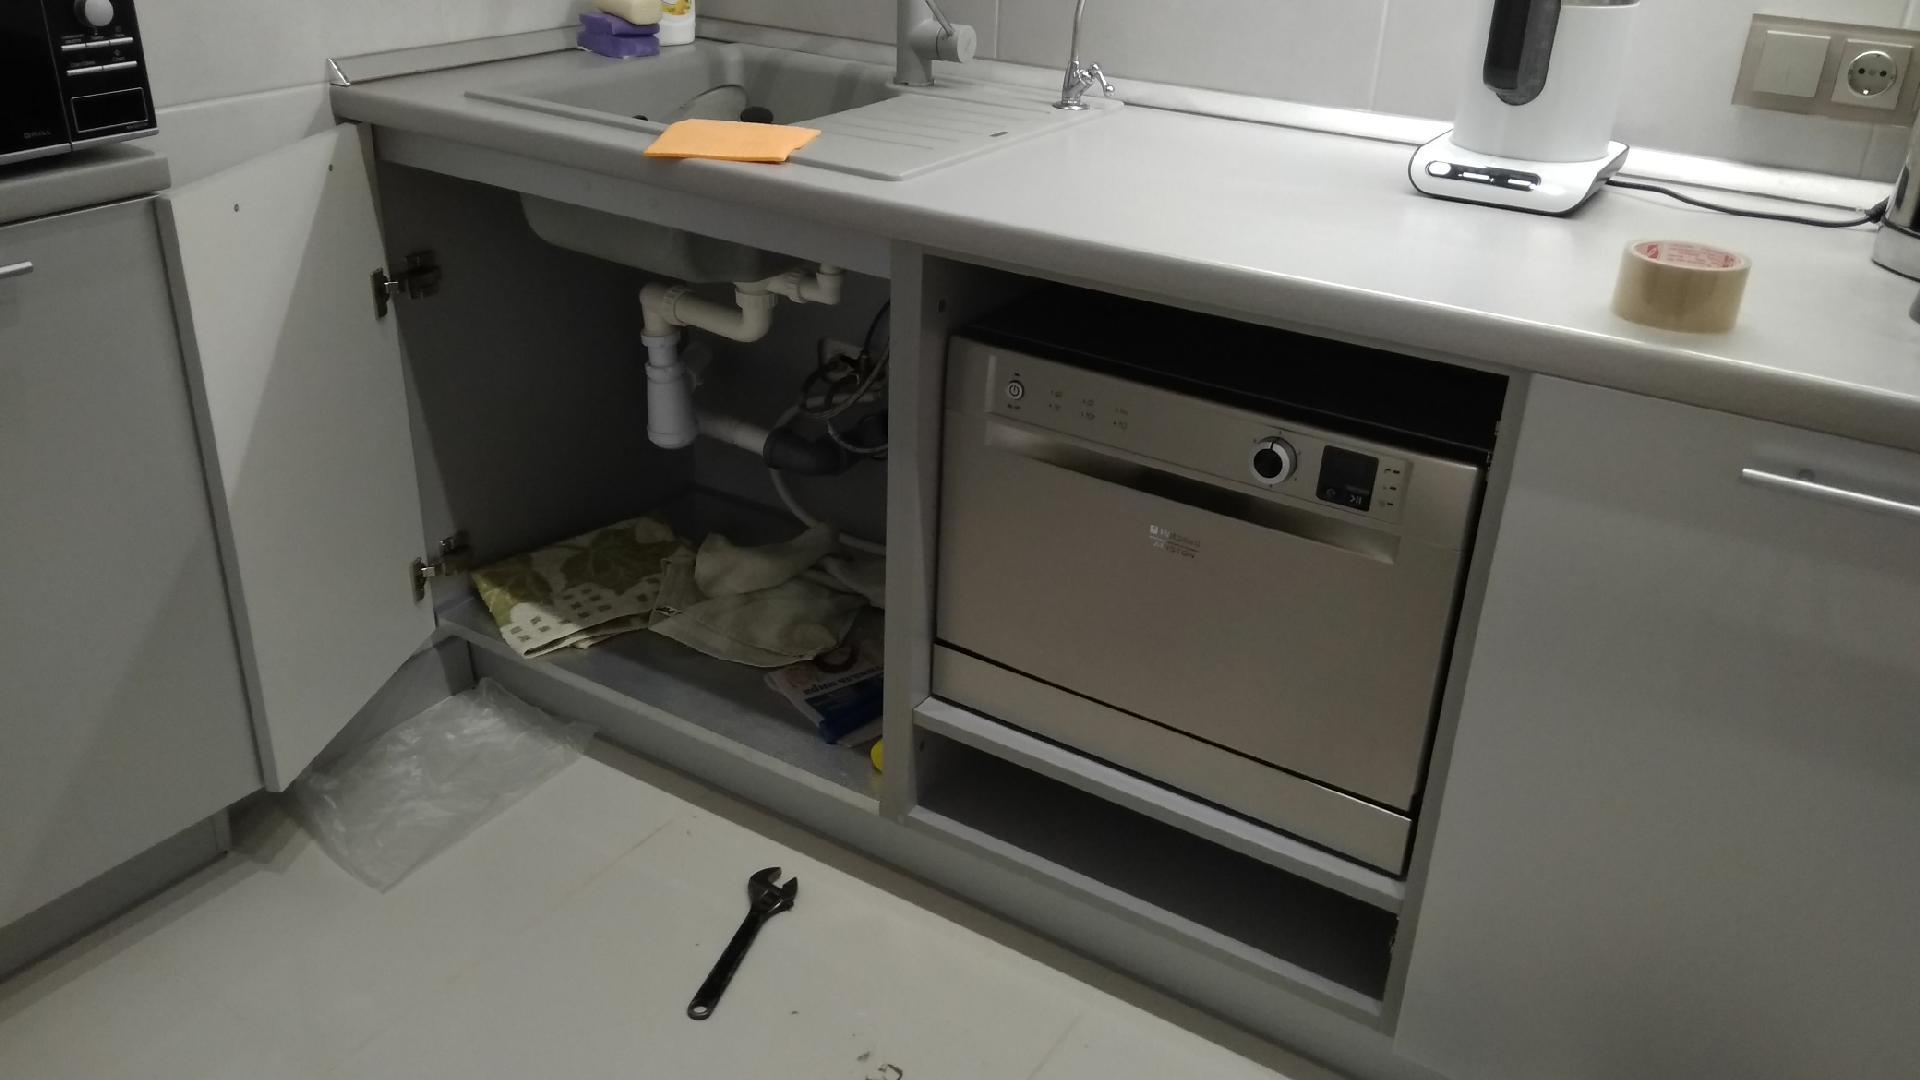 частично встроенная посудомойка